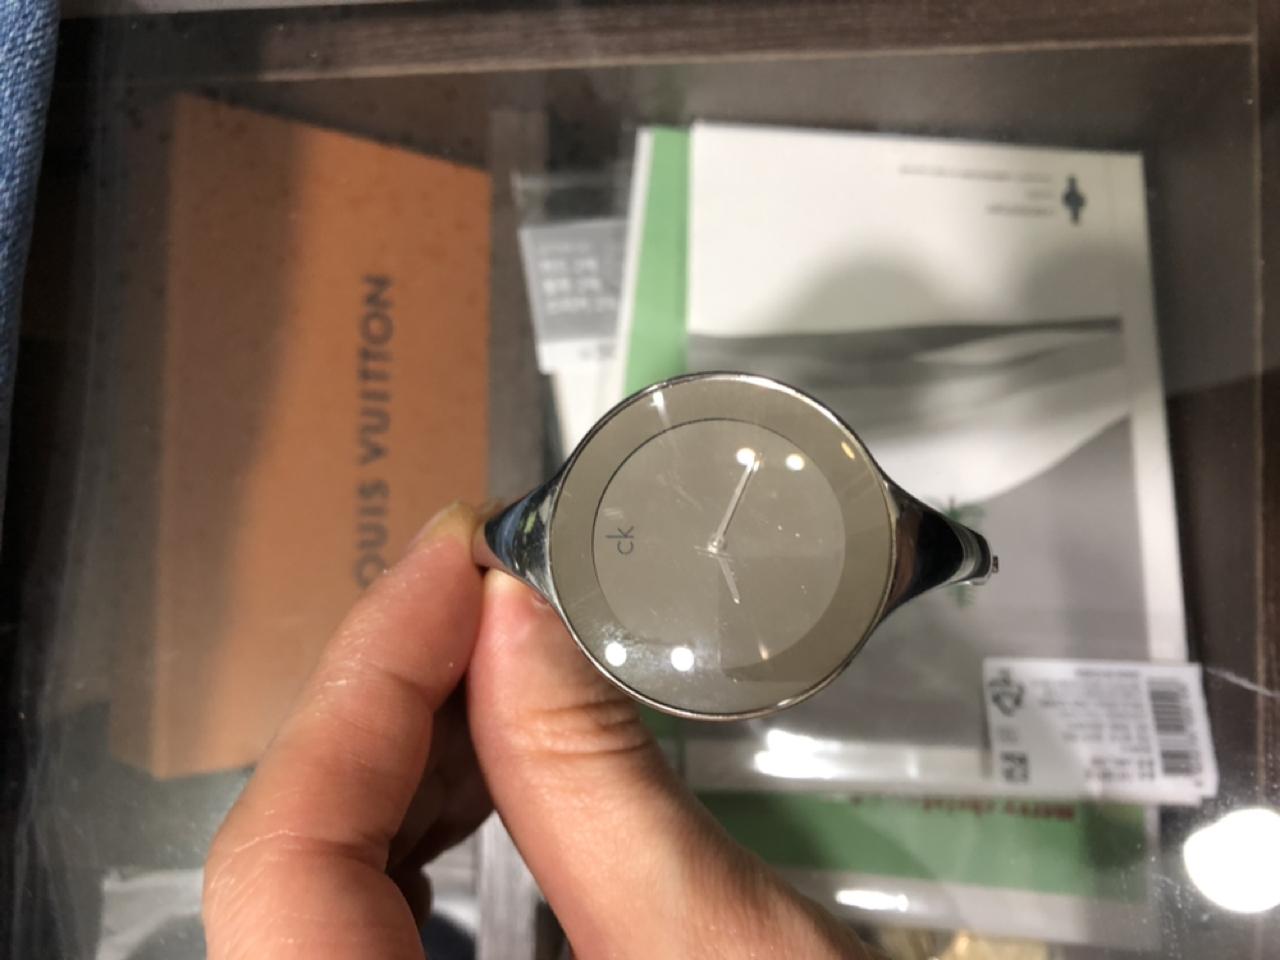 켈빈클라인시계 손목시계